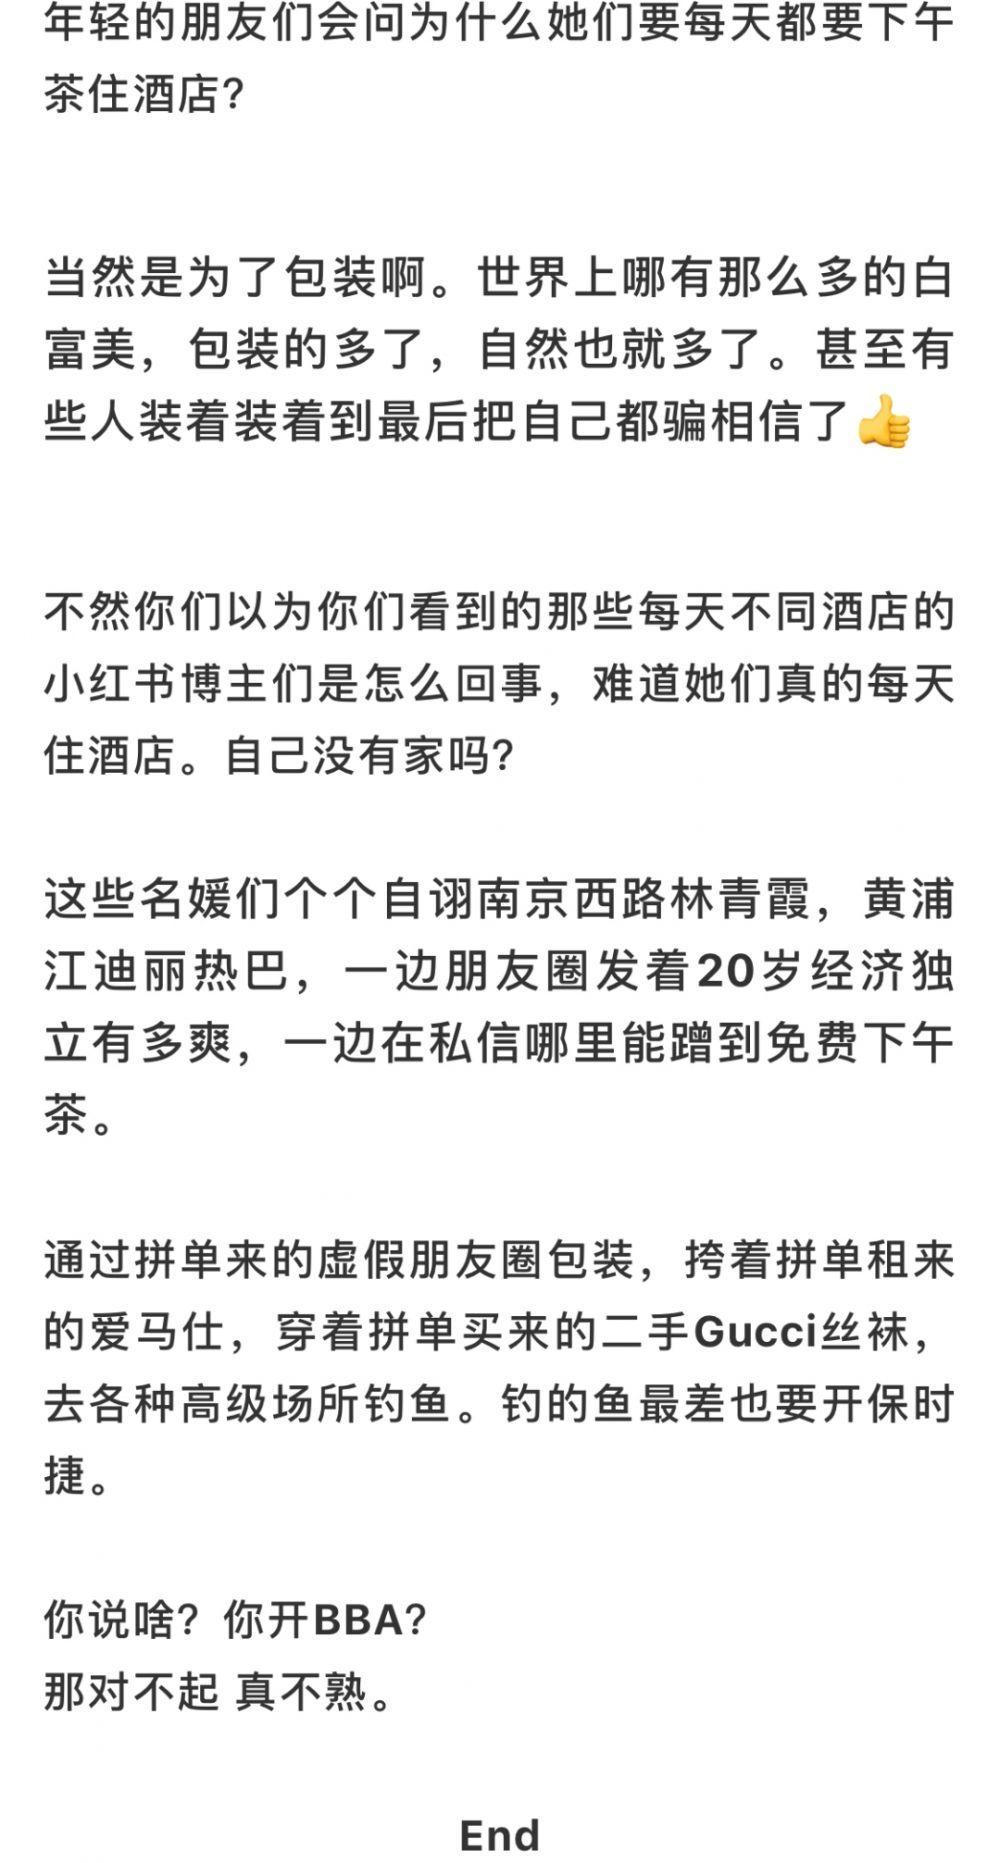 被上海名媛圈笑吐了,Gucci公关哭晕在厕所-第24张图片-周小辉博客